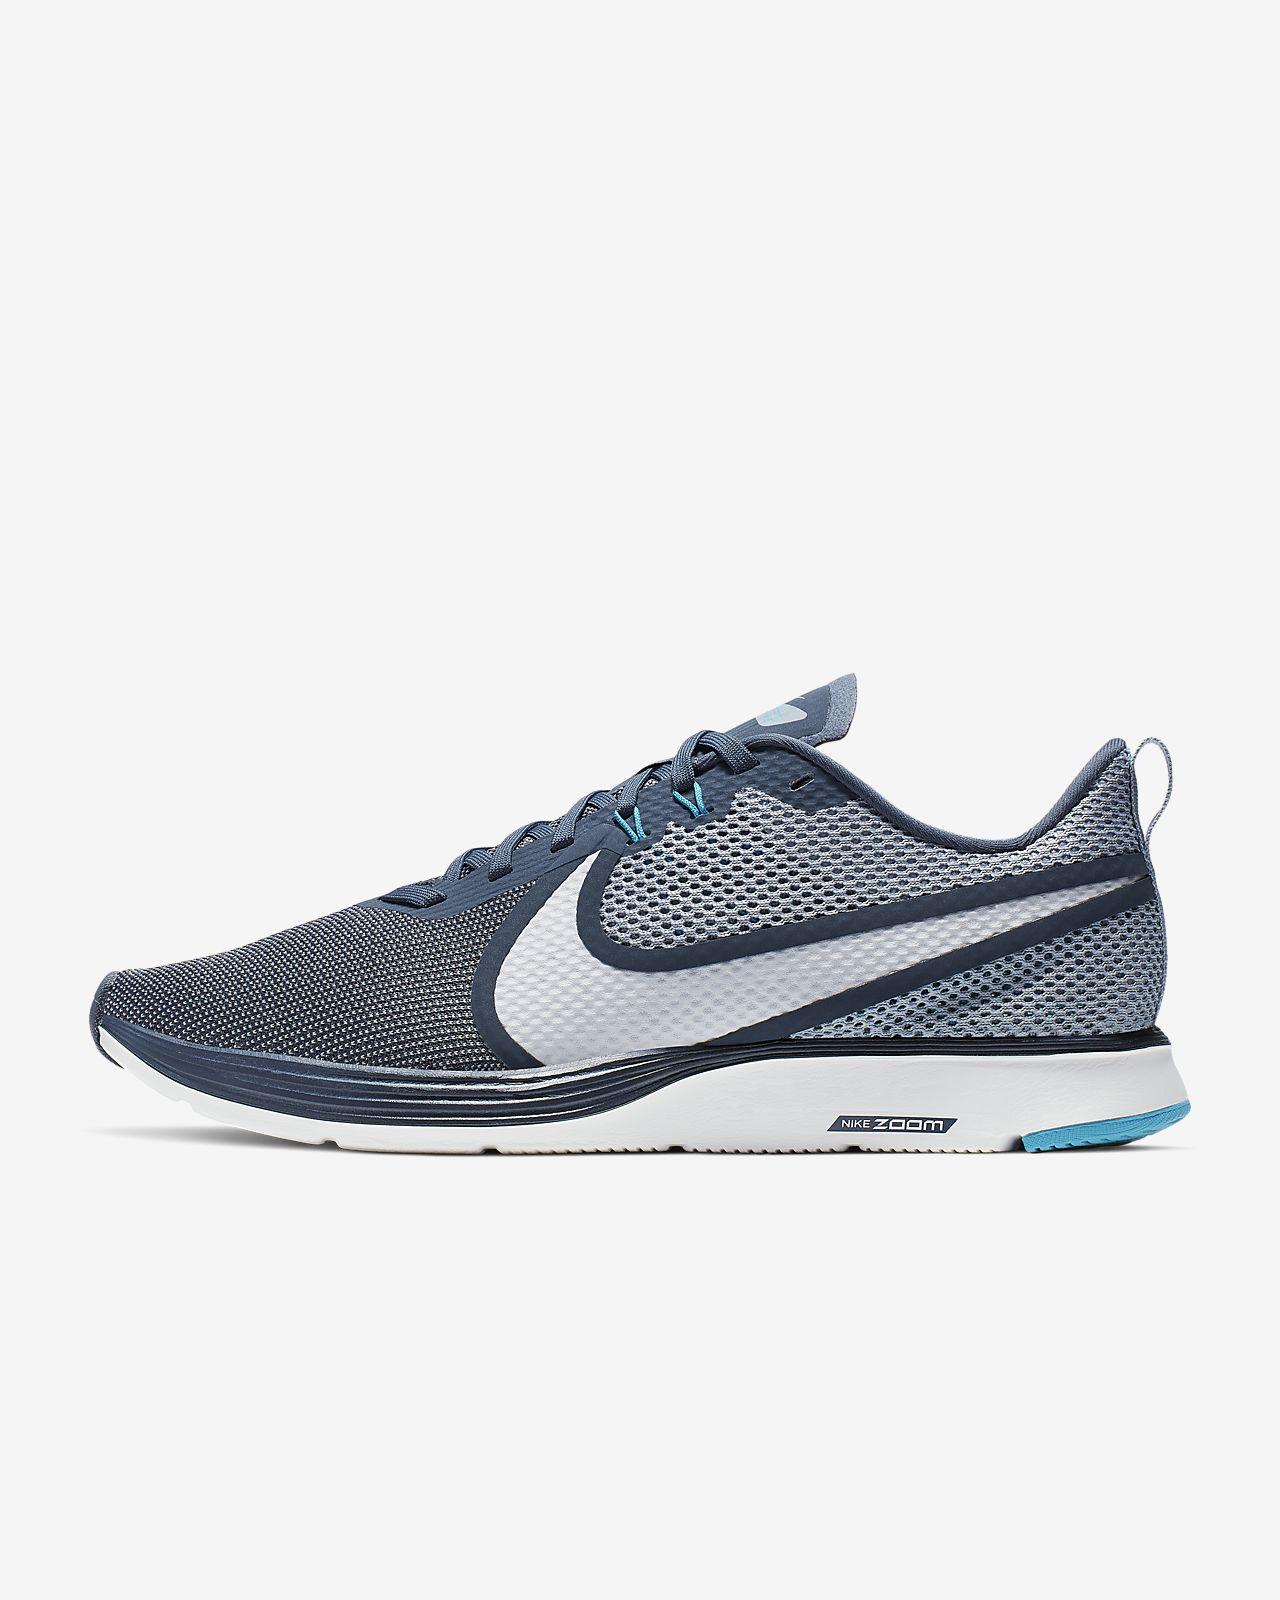 Sapatilhas de running Nike Zoom Strike 2 para homem